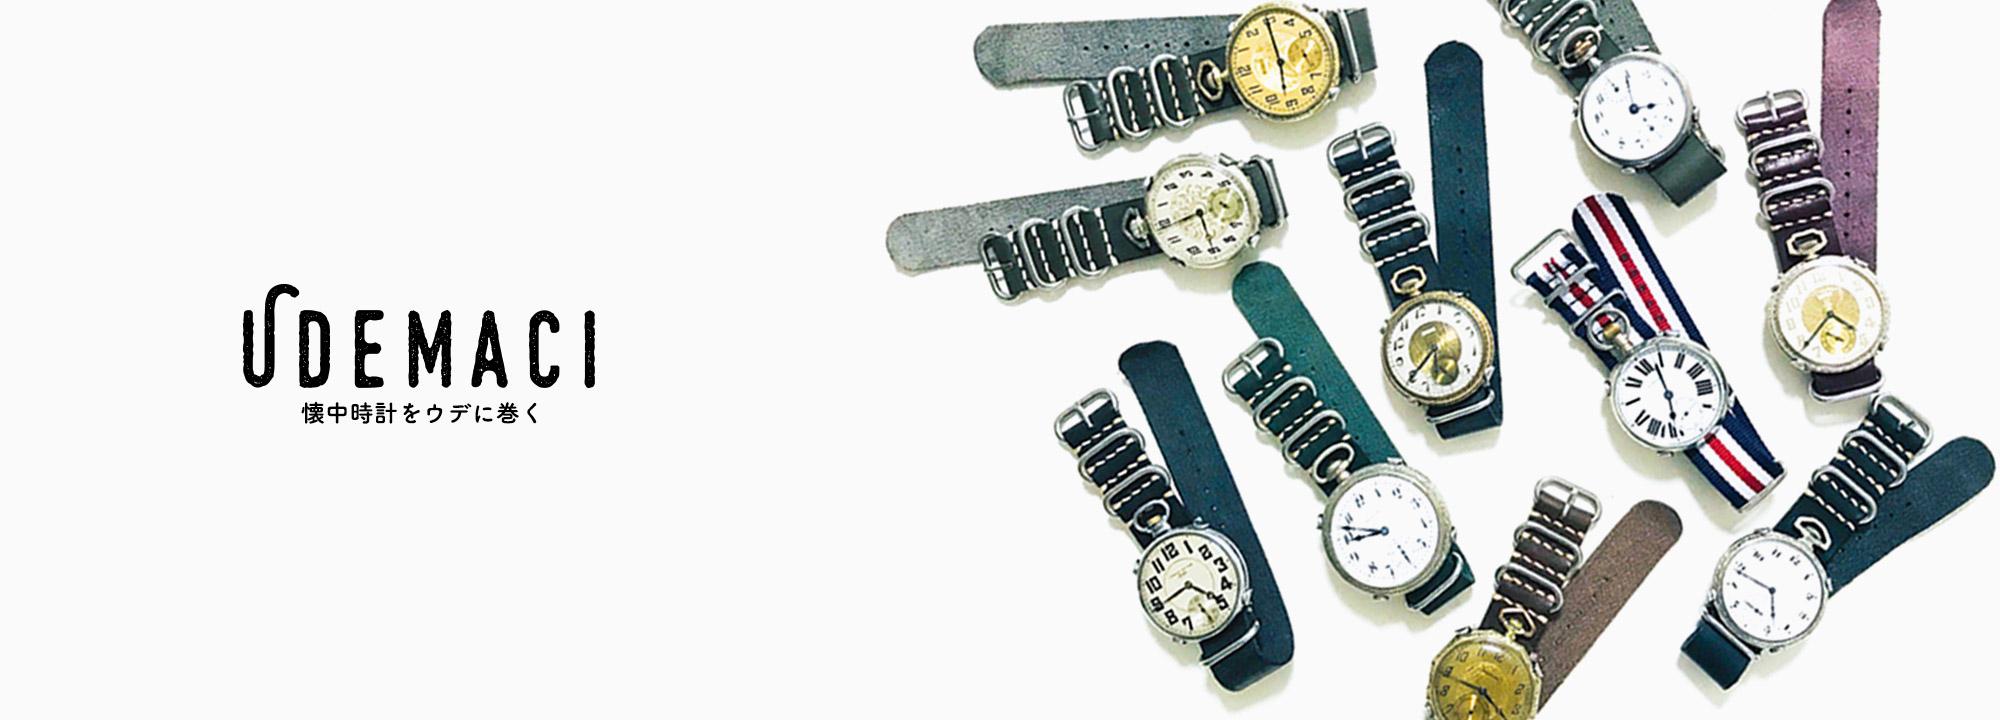 アンティーク懐中時計をウデに巻く